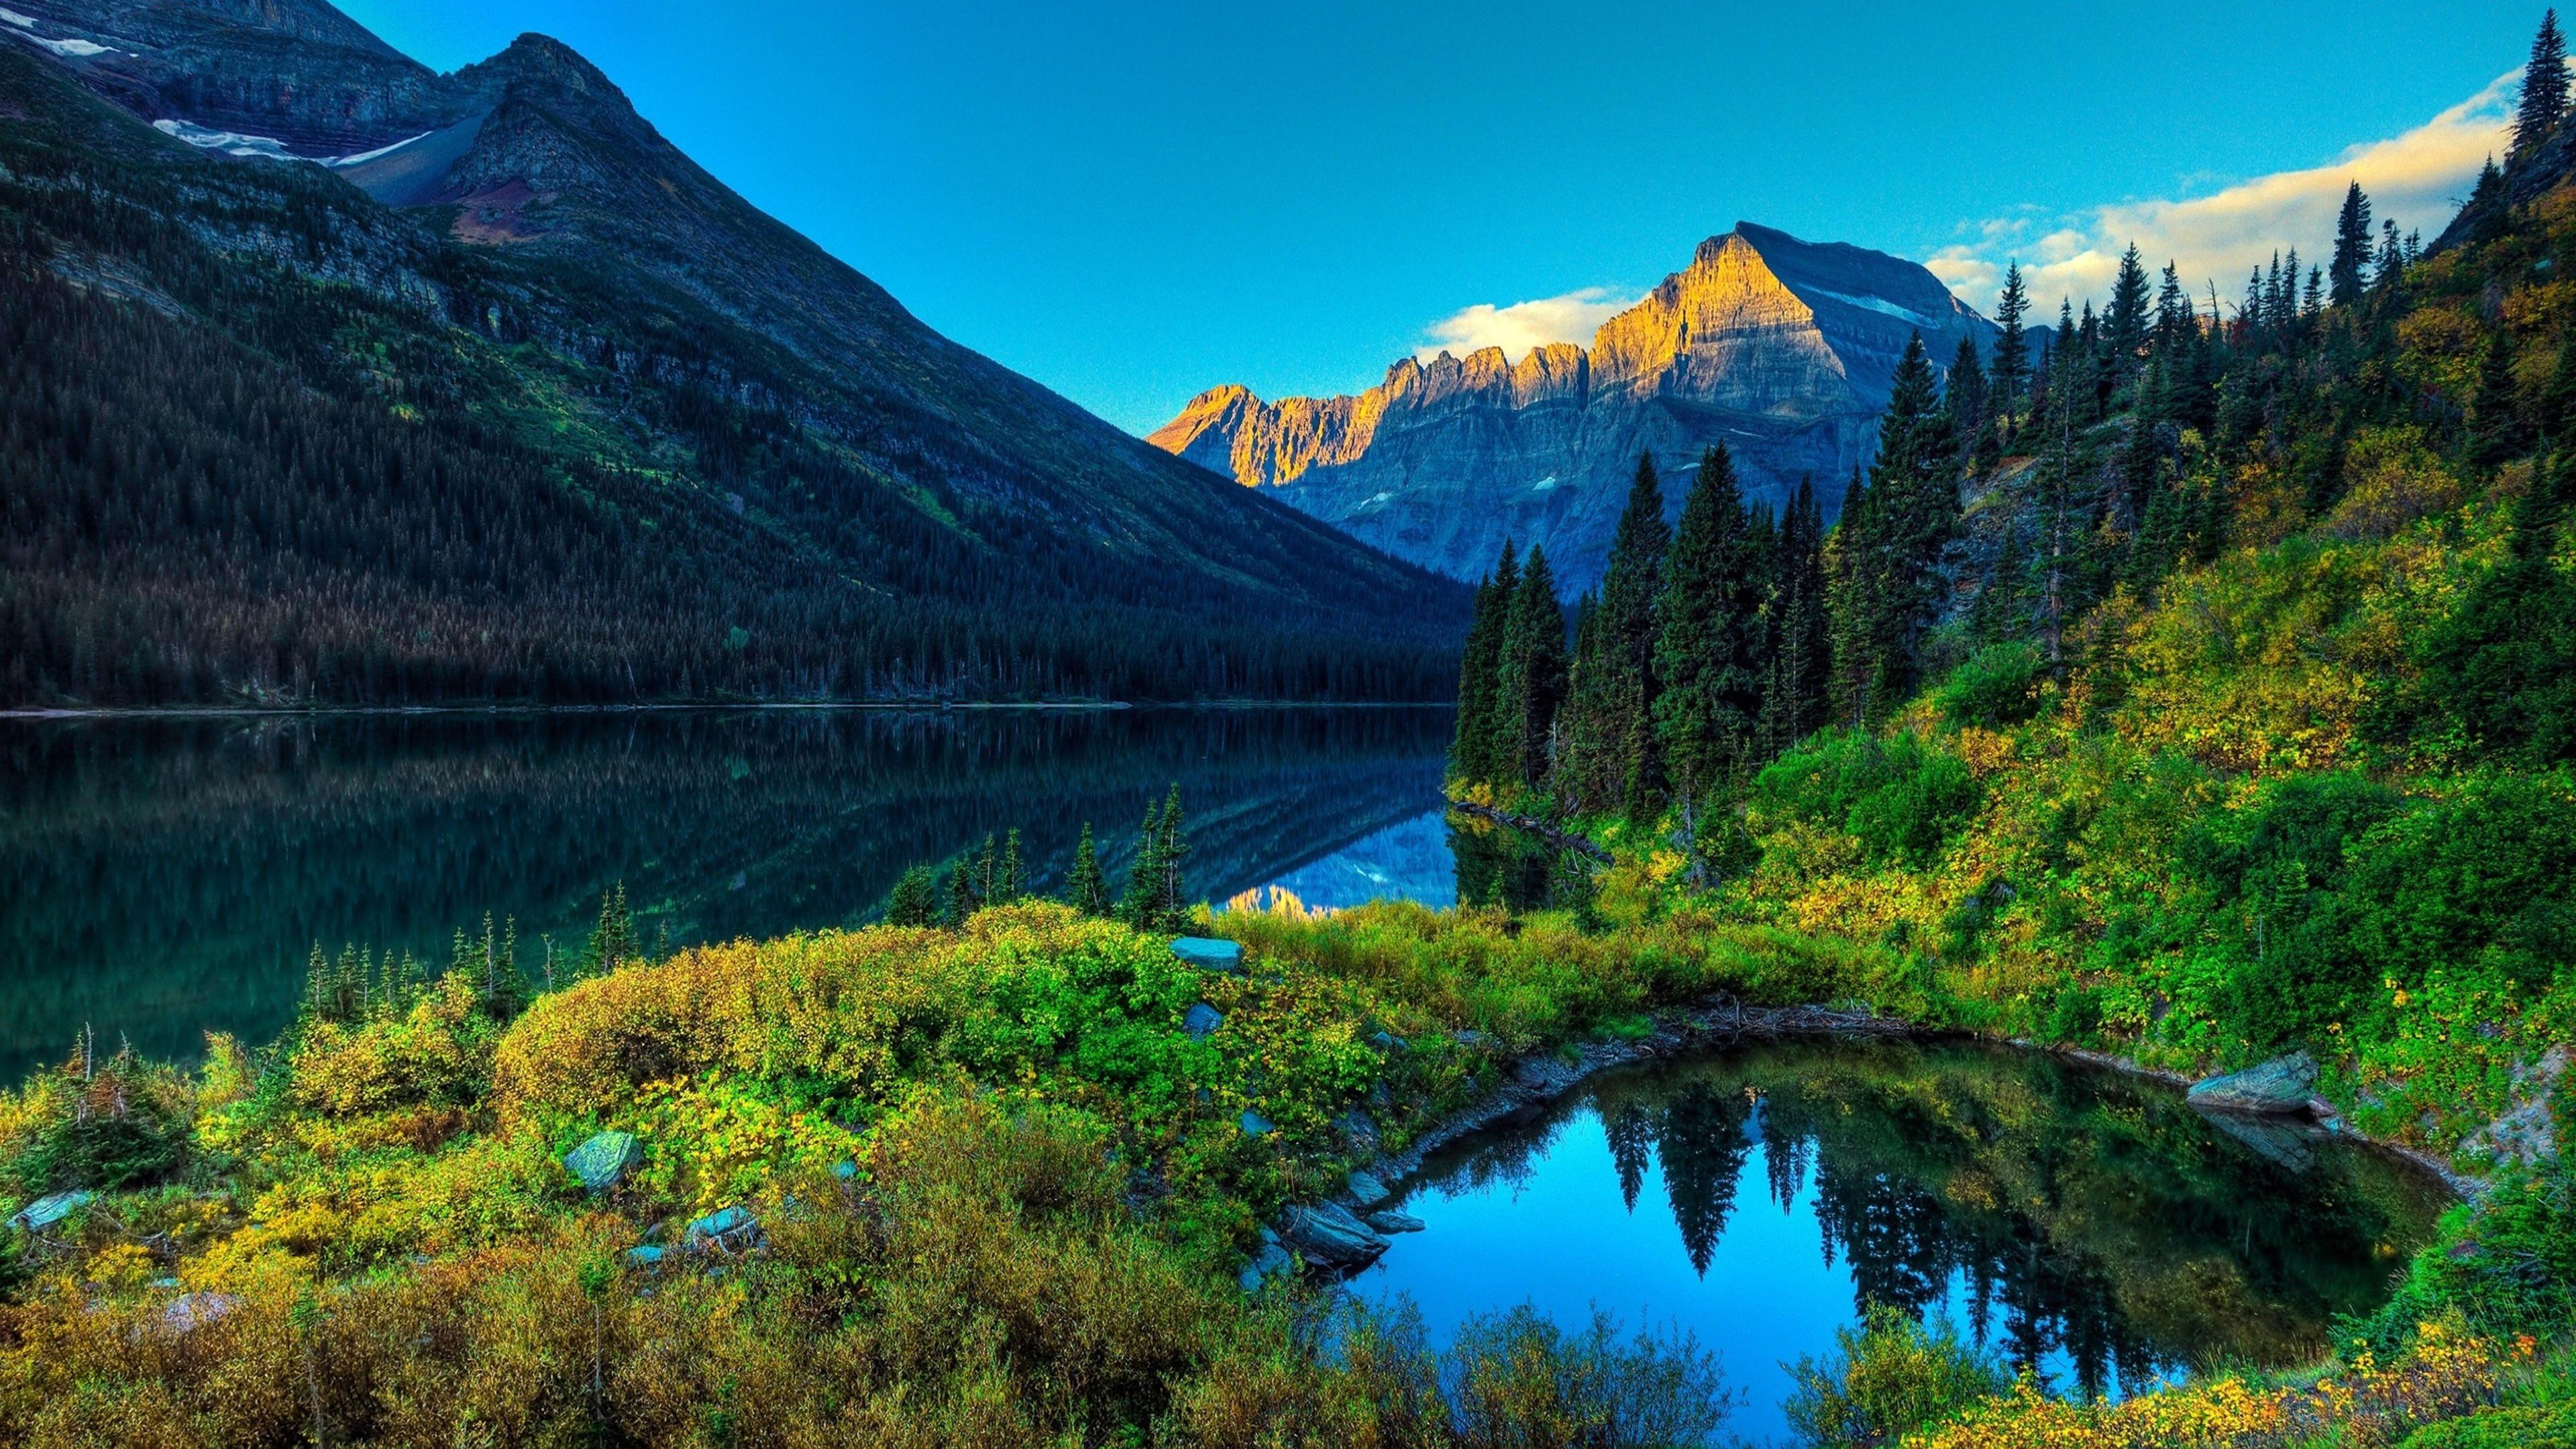 Mountains Blue Wallpapers Landscape Wallpapers, Nature Landscape Wallpaper  For Desktop, Pc, Laptop. Nature Landscape Wallpapers Hd Wallpapers, …